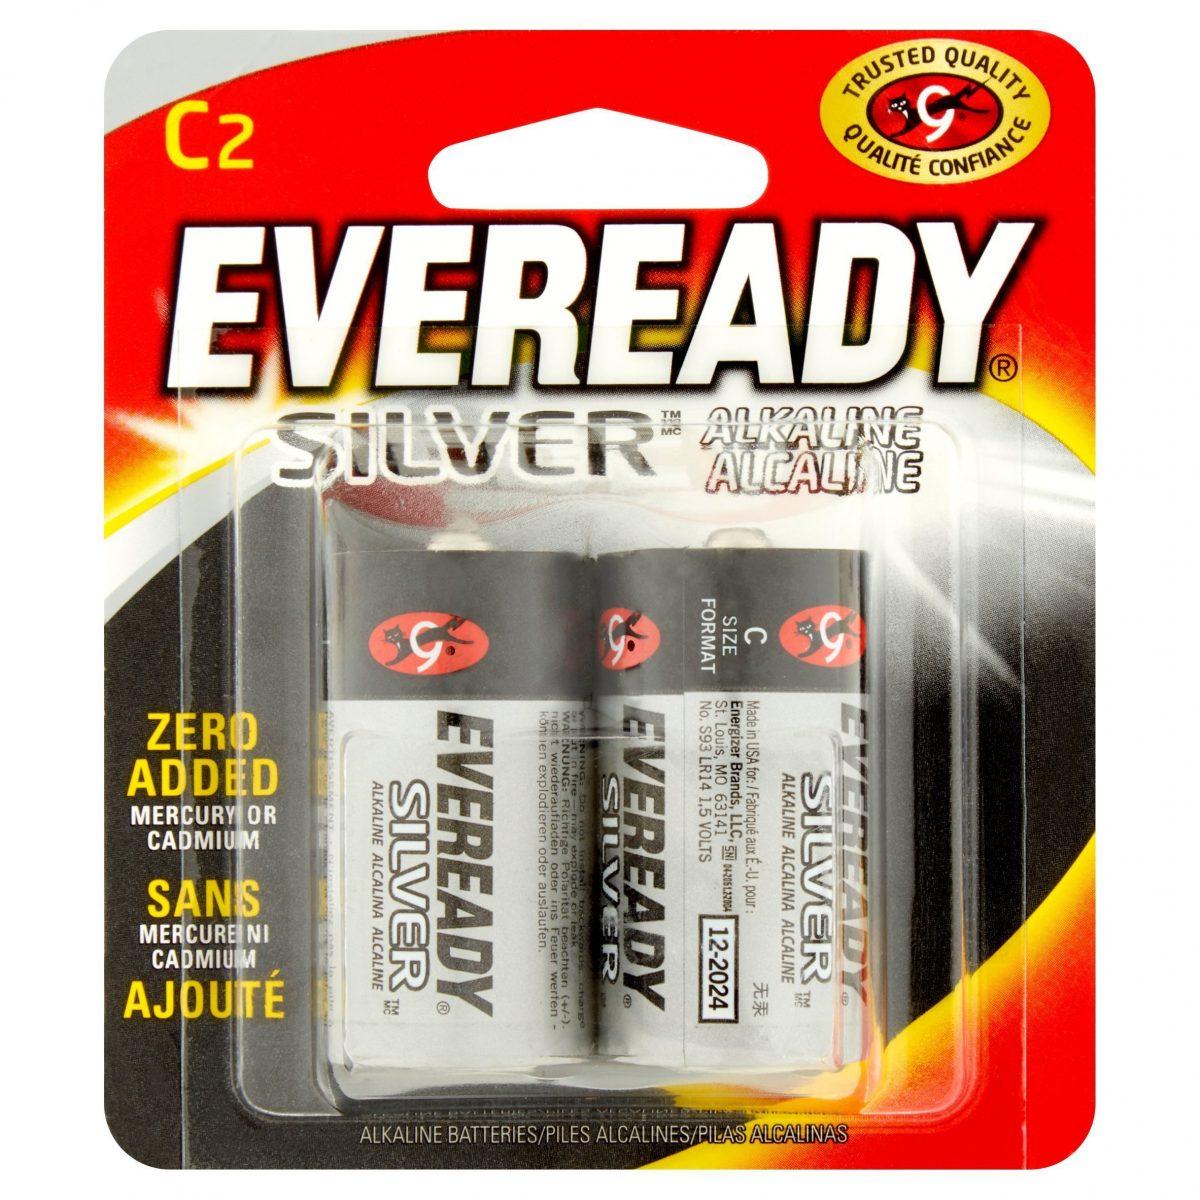 Baterías alcalinas de plata Eveready C, paquete de 2